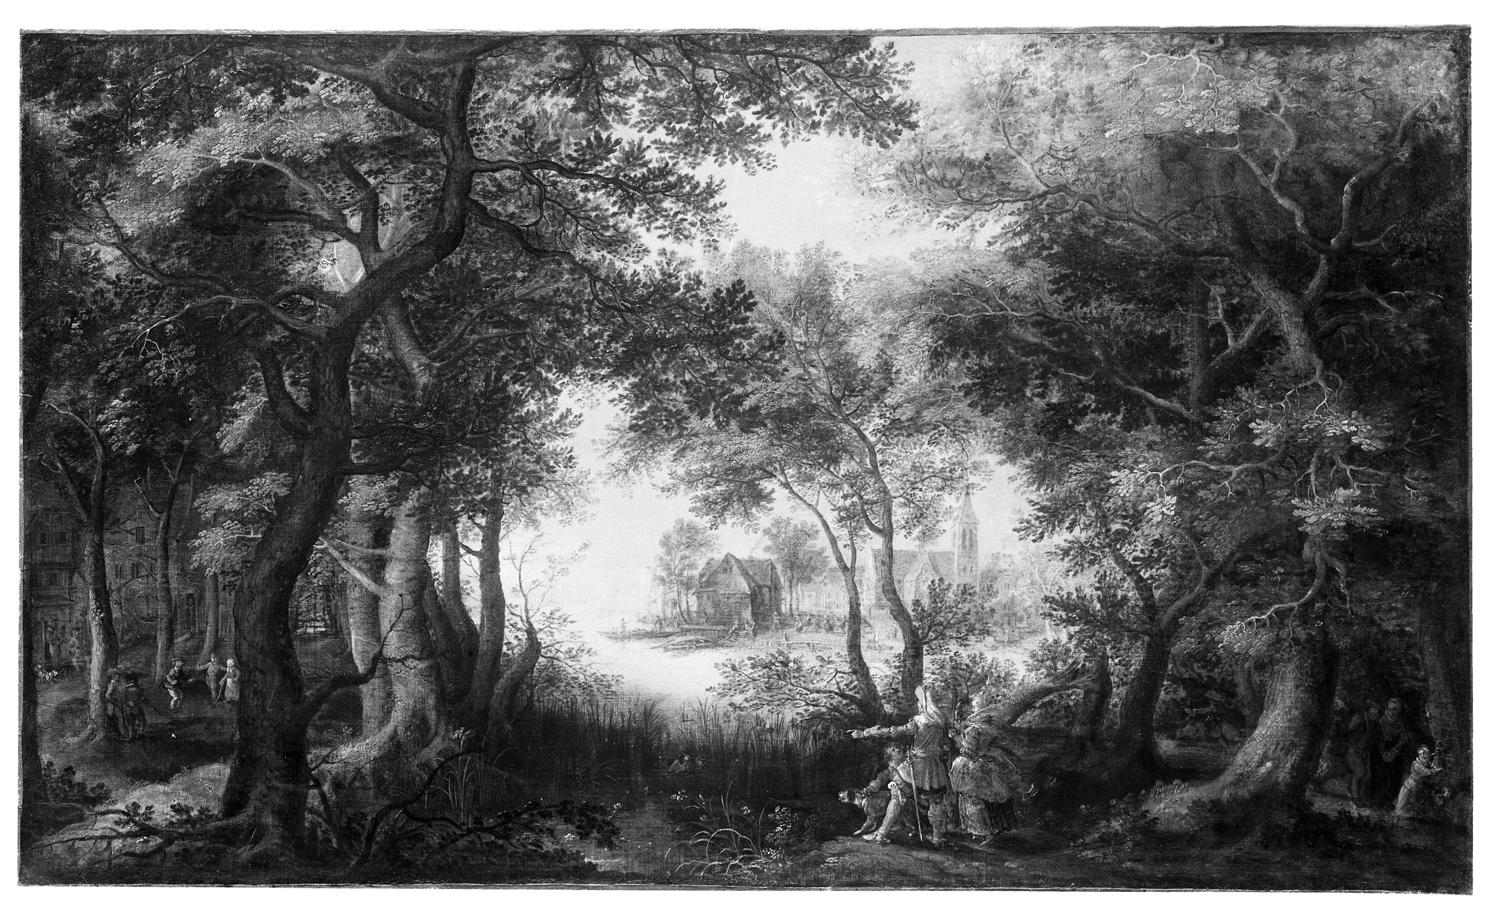 Flusslandschaft mit Laubwald